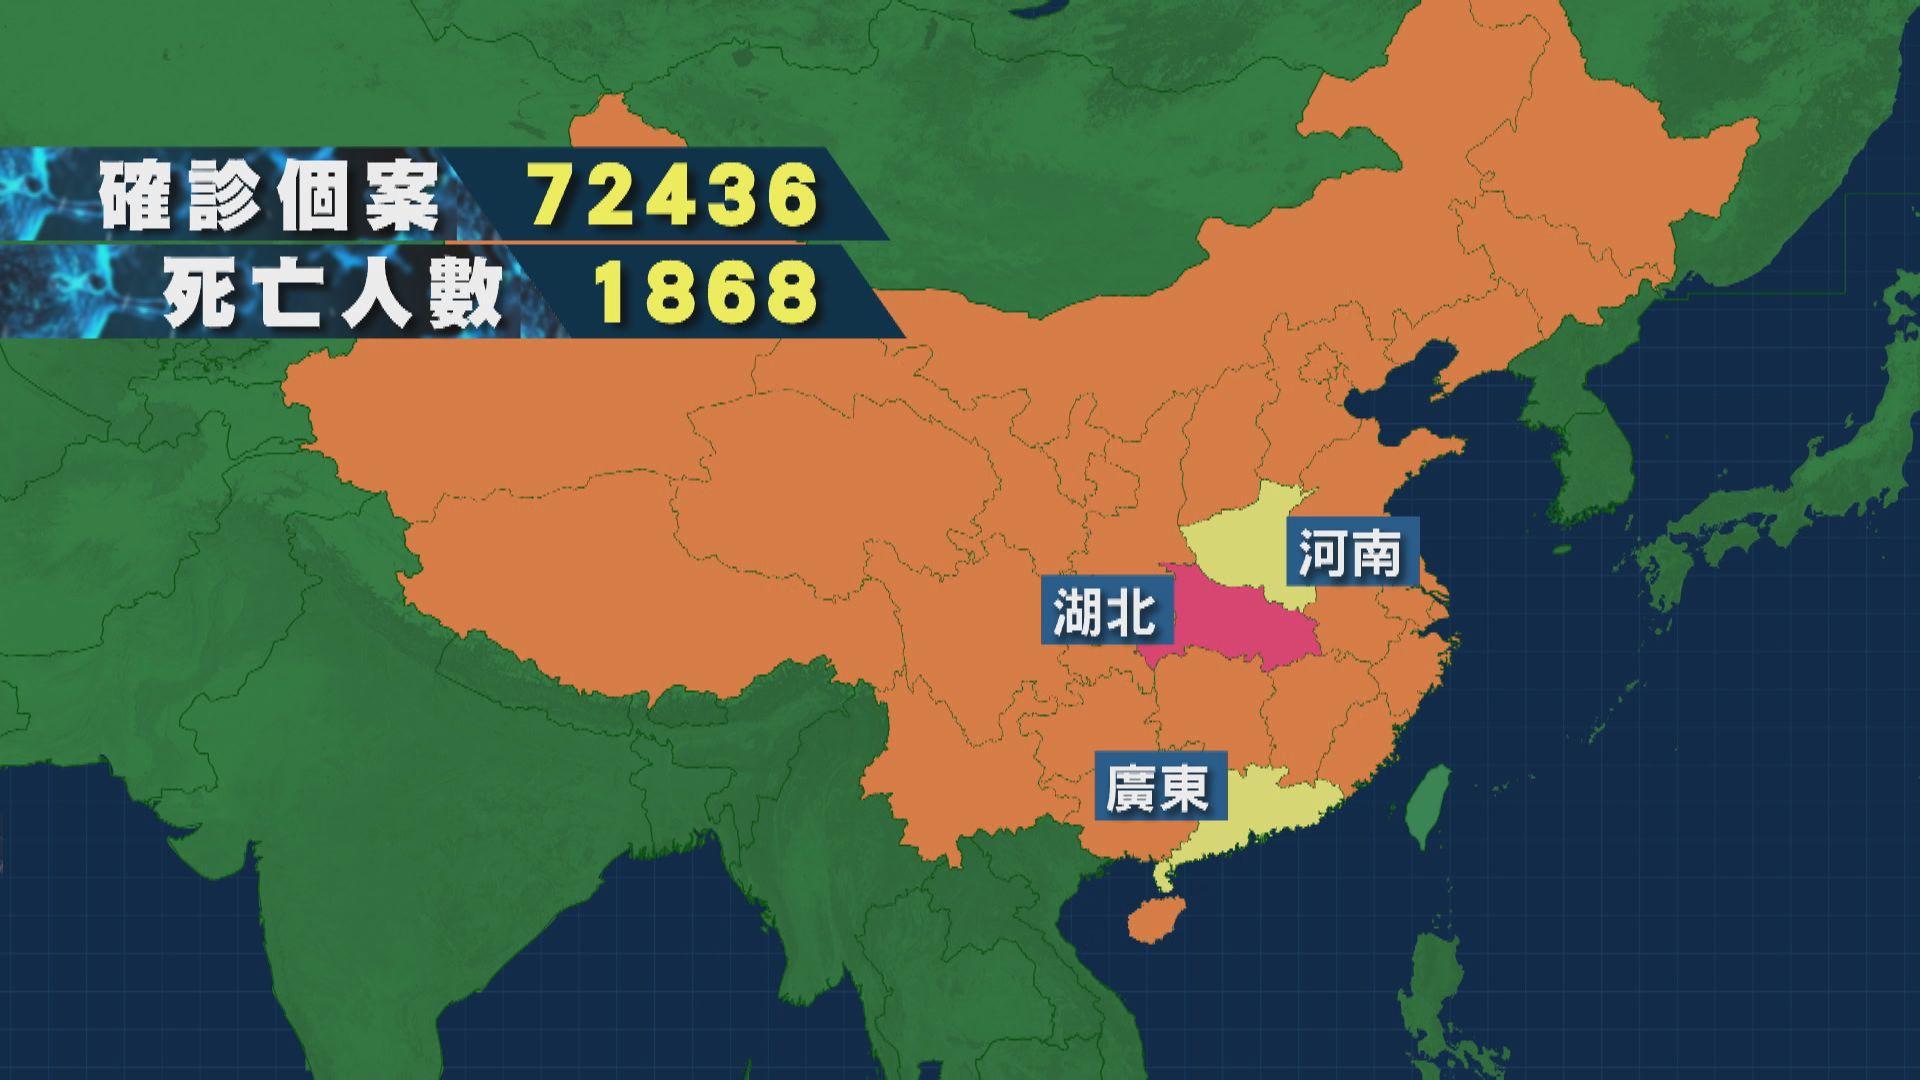 【新型肺炎】廣東逾1300宗確診個案 深圳佔約三成